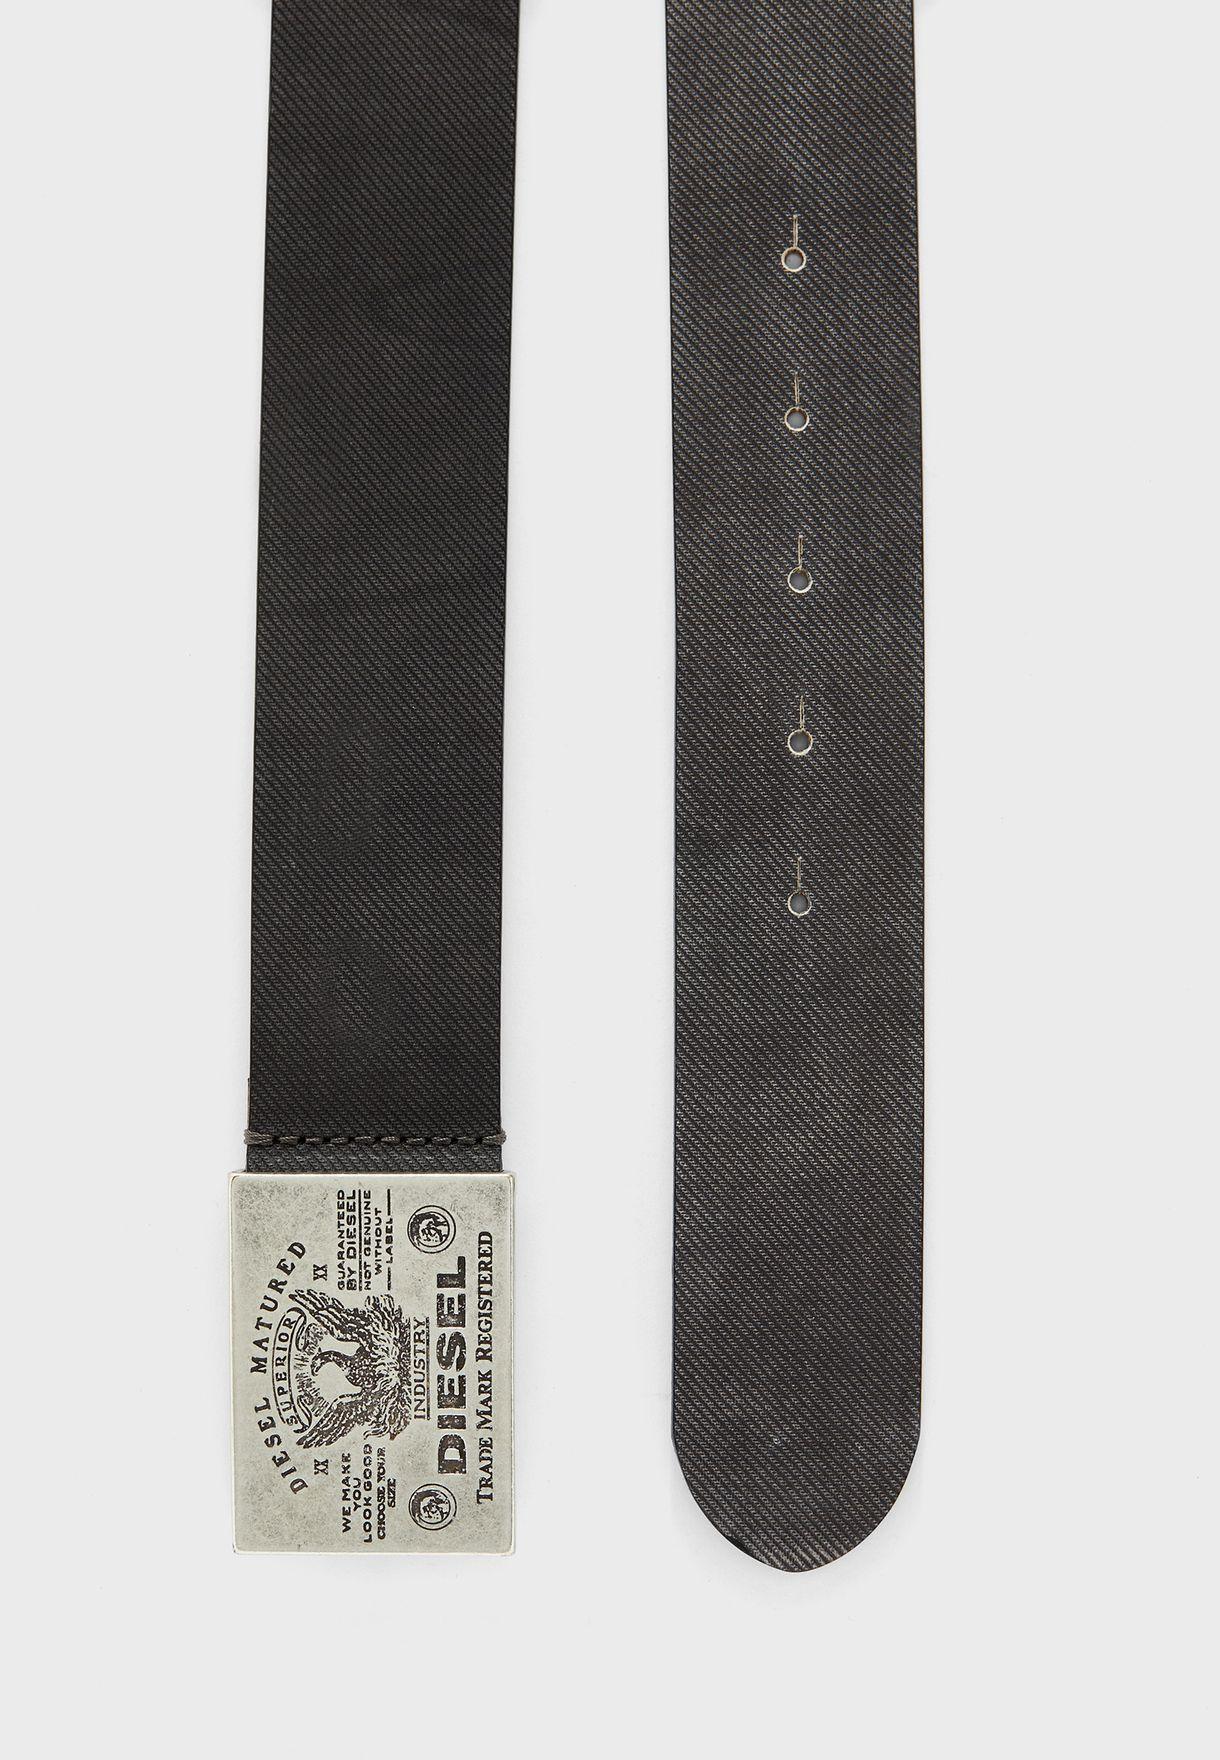 B-Filin Belts